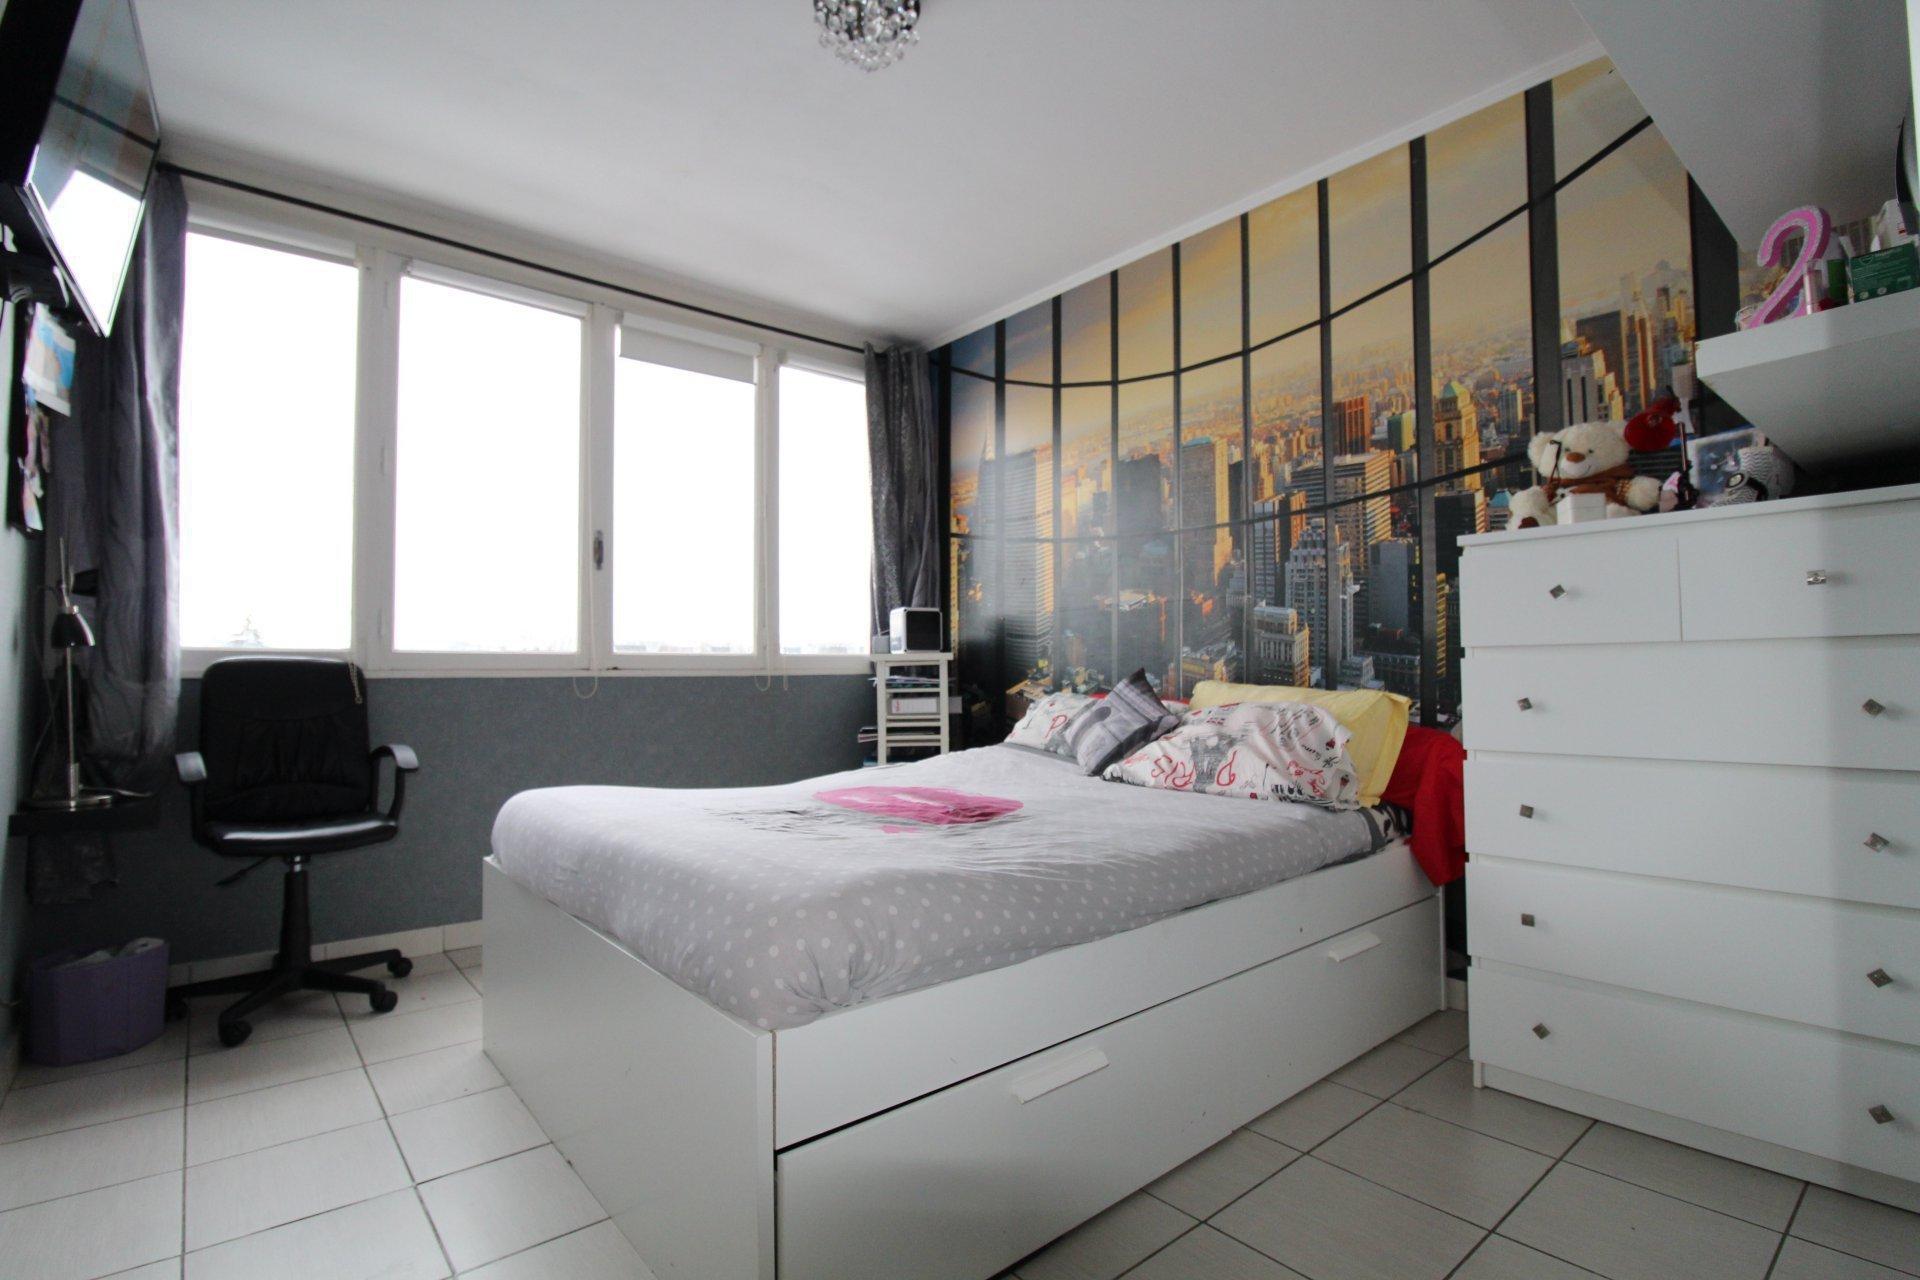 Appartement Saint-Etienne Bergson 4 pièces 76m2